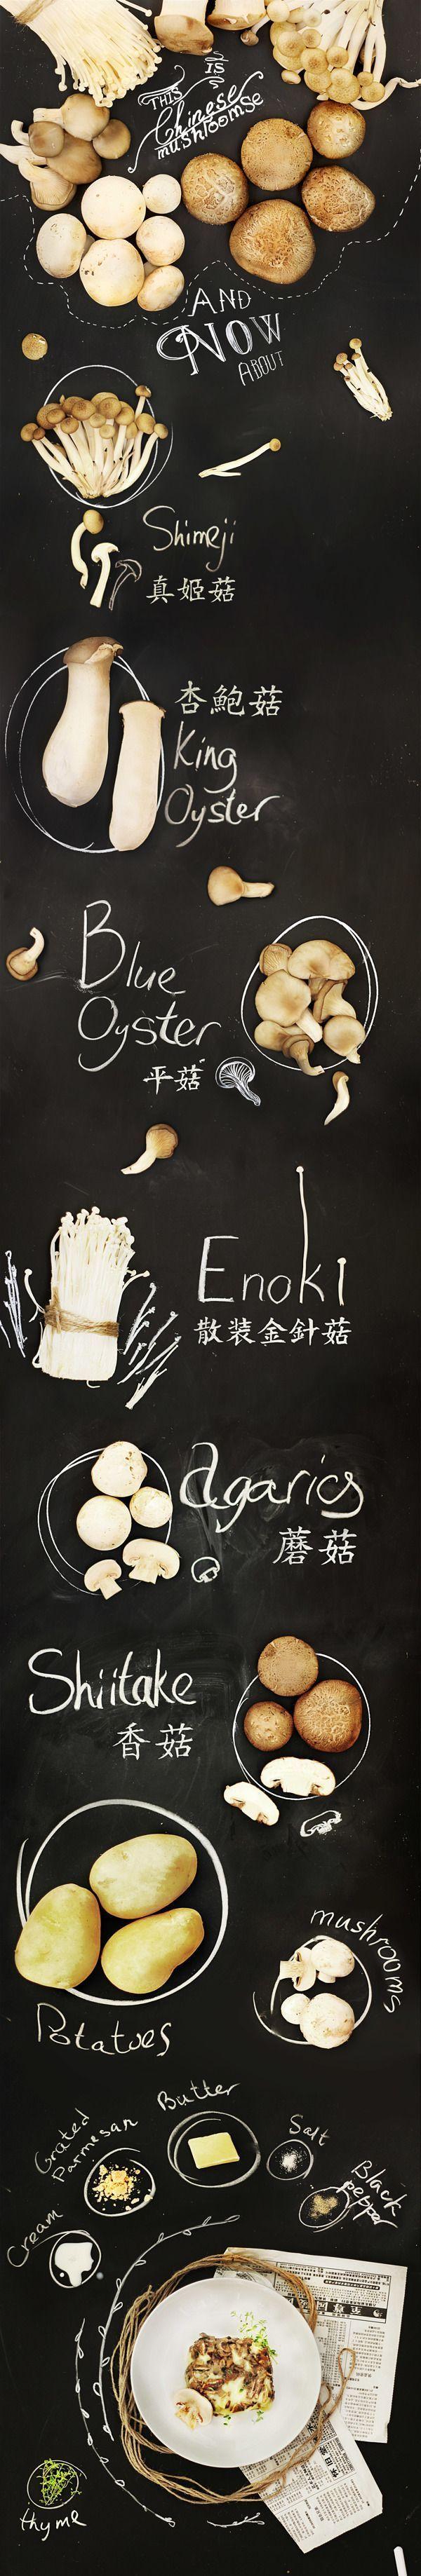 Chinese mushrooms by Kristina Behance.net/taratata ,  canon, food, mushrooms, foodphotography, fooddesign, foodstyle, foodstyling, foodmagazine, magazine, photoshop